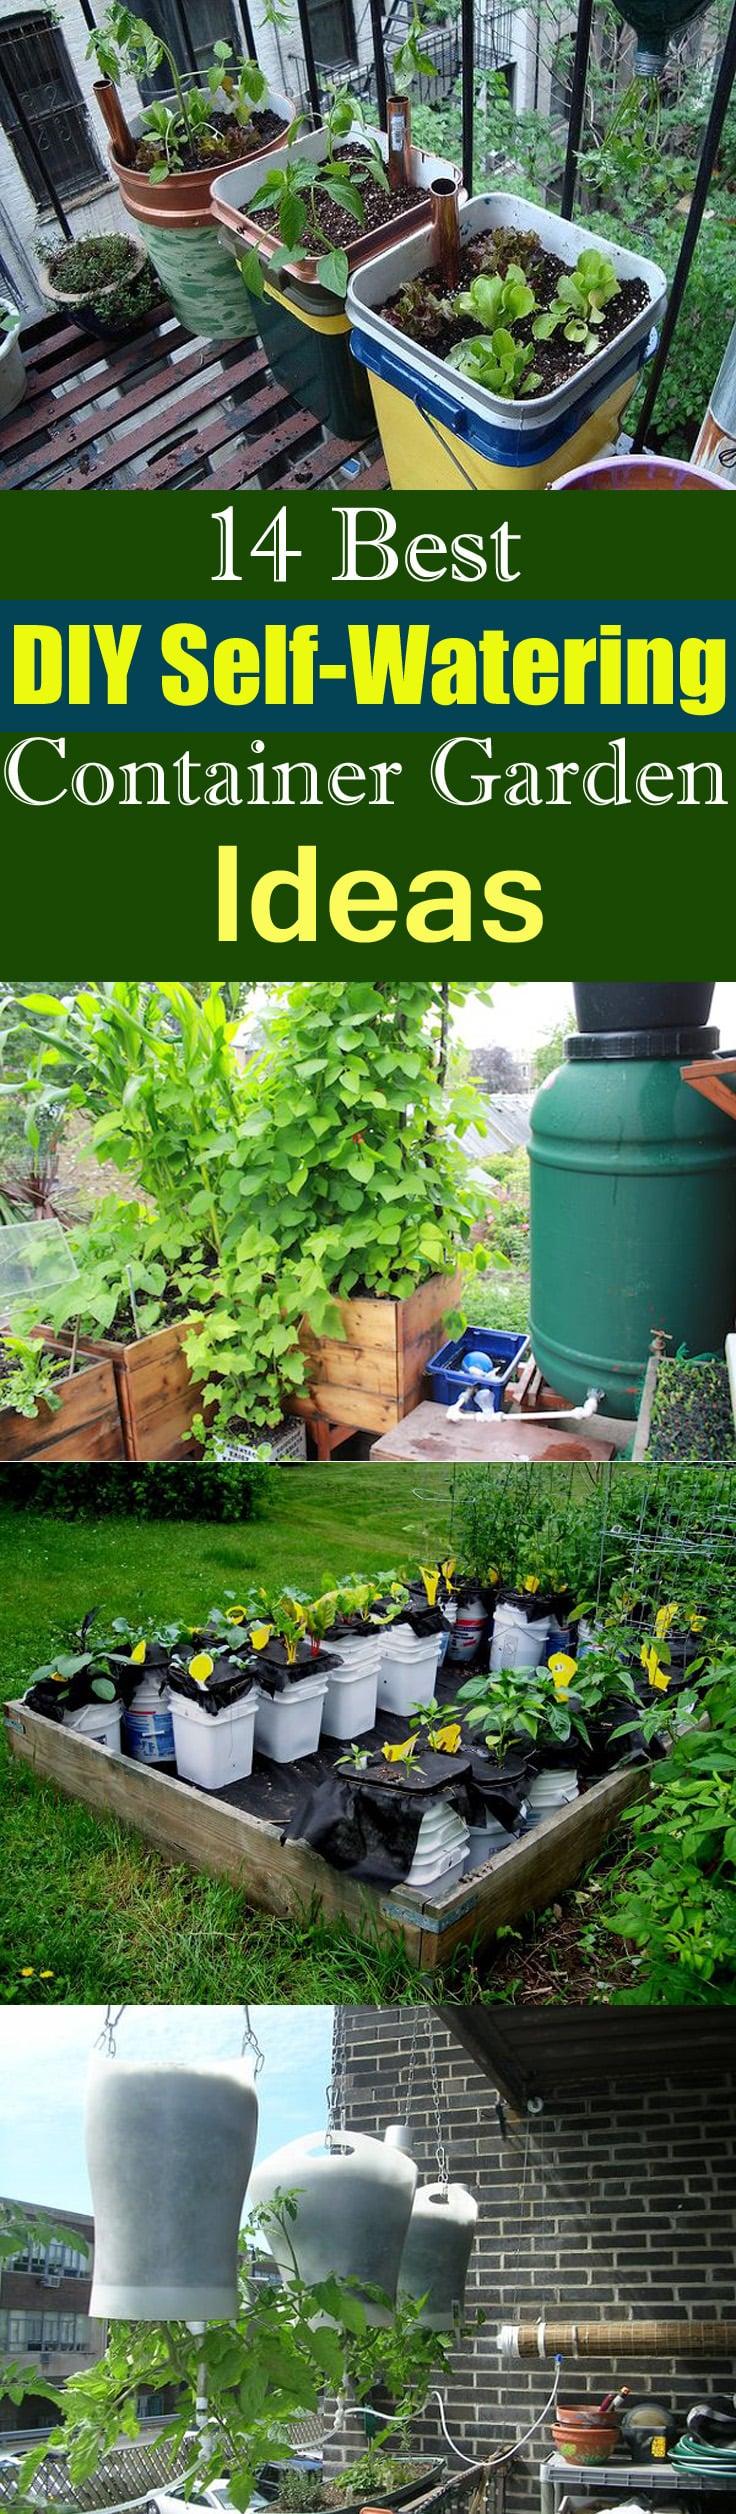 14 Best DIY Self-Watering Container Garden Ideas | Balcony ...